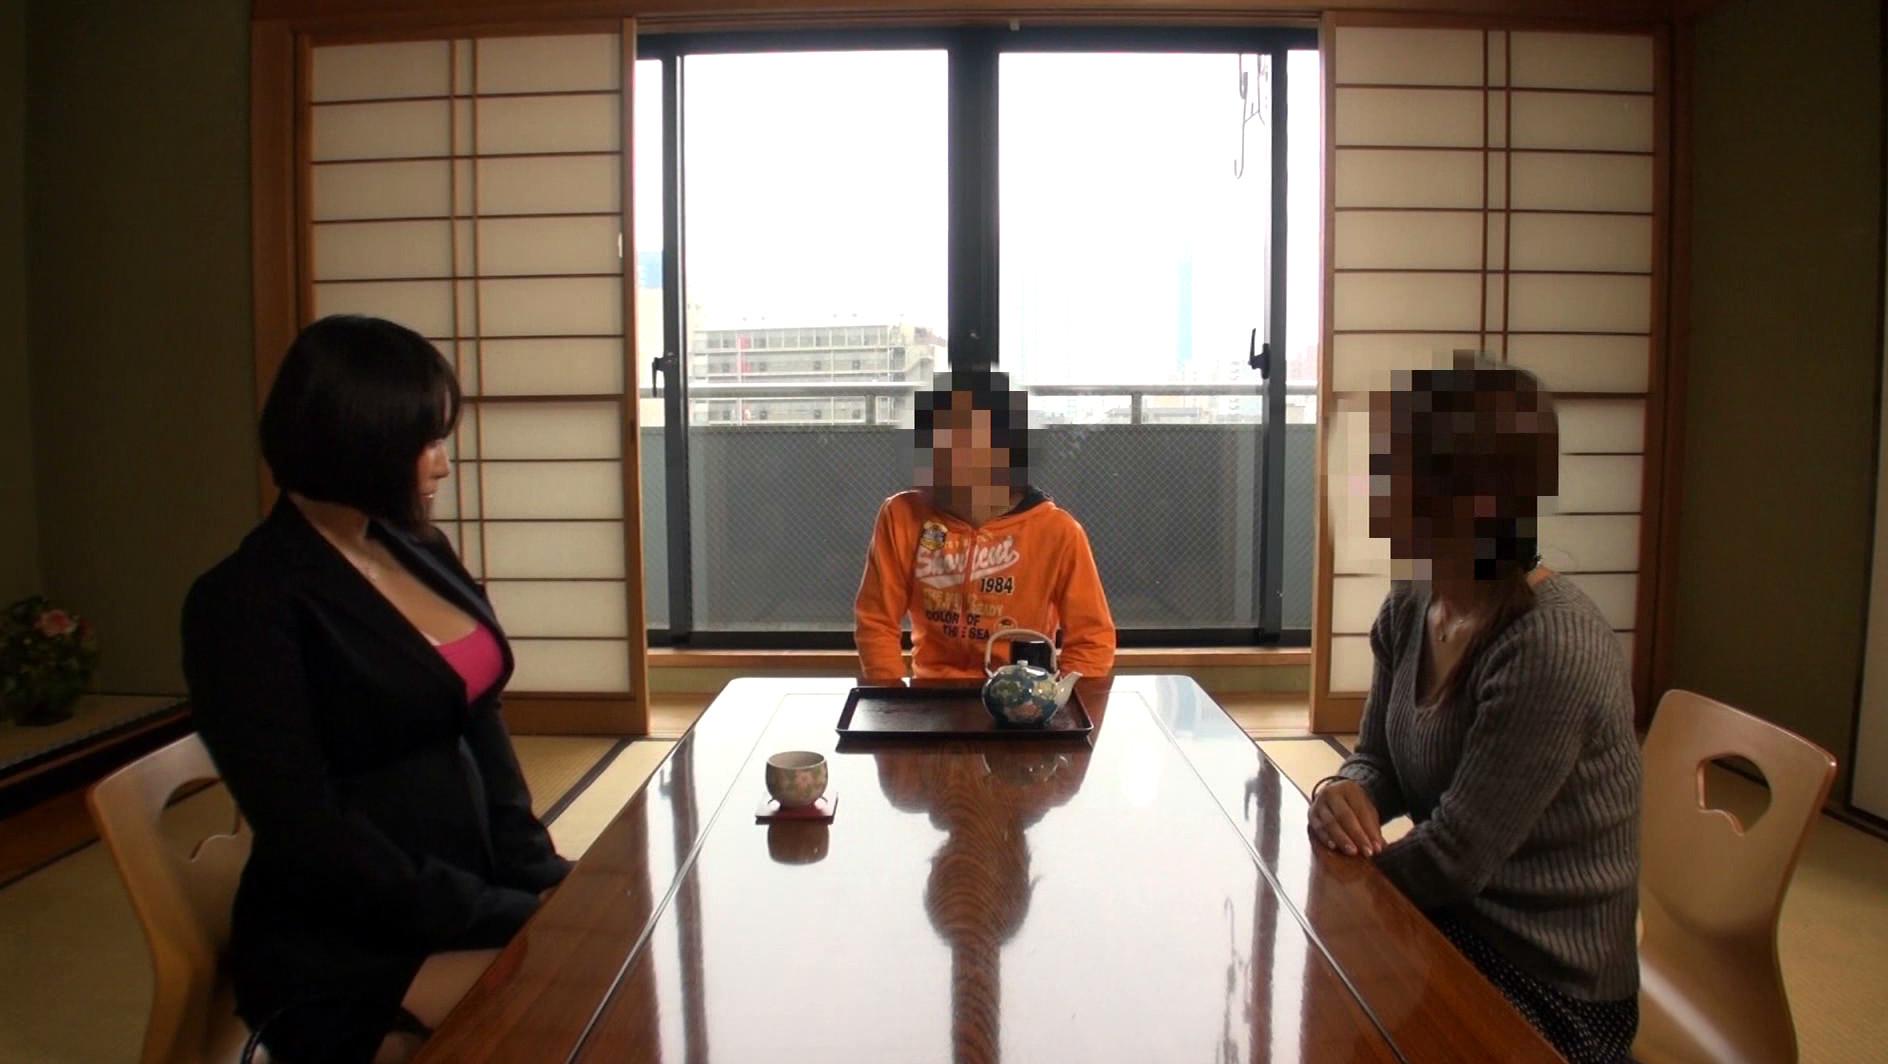 ボイン大好きしょう太くんのHなイタズラ 前田優希 画像1